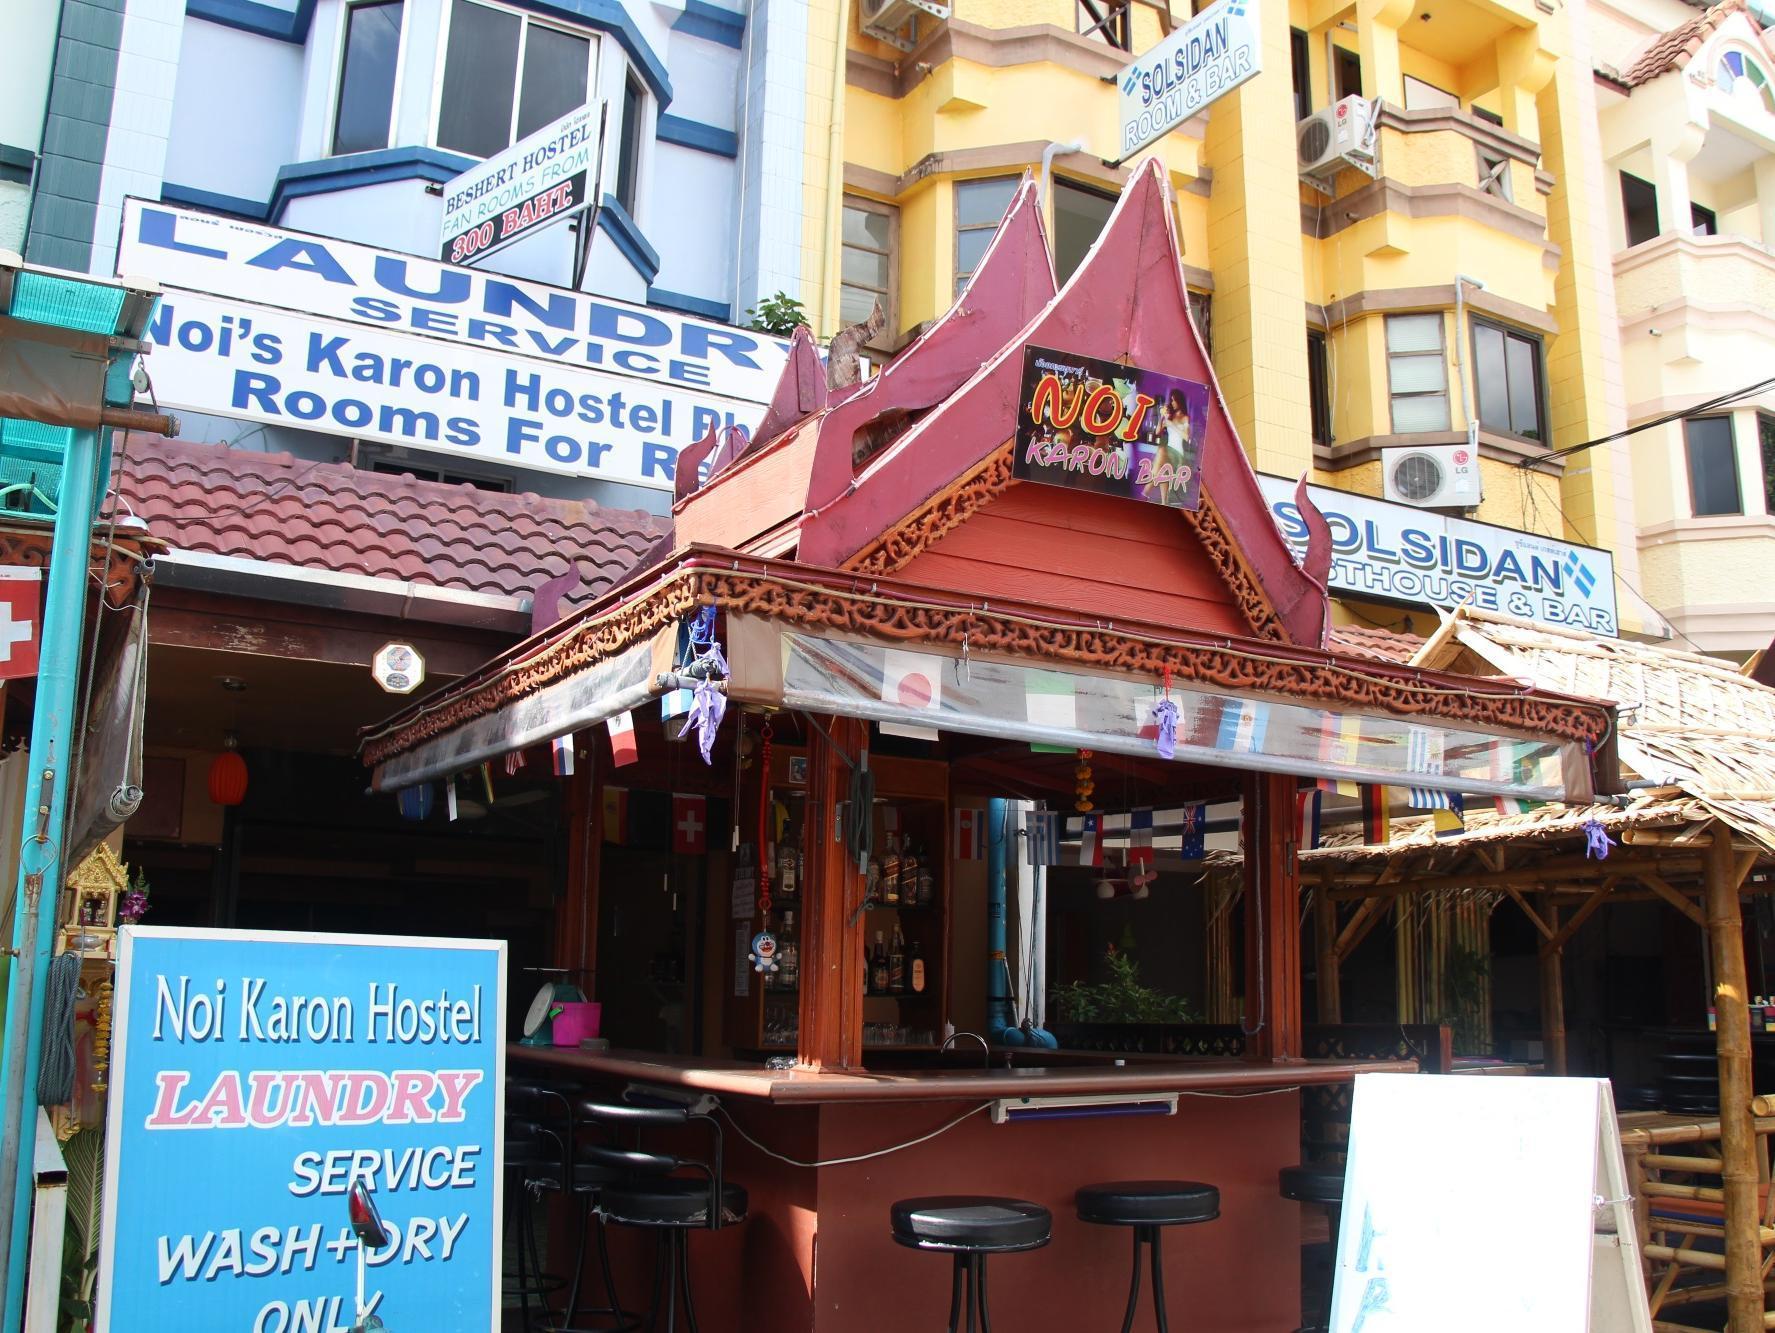 Noi Karon Hostel